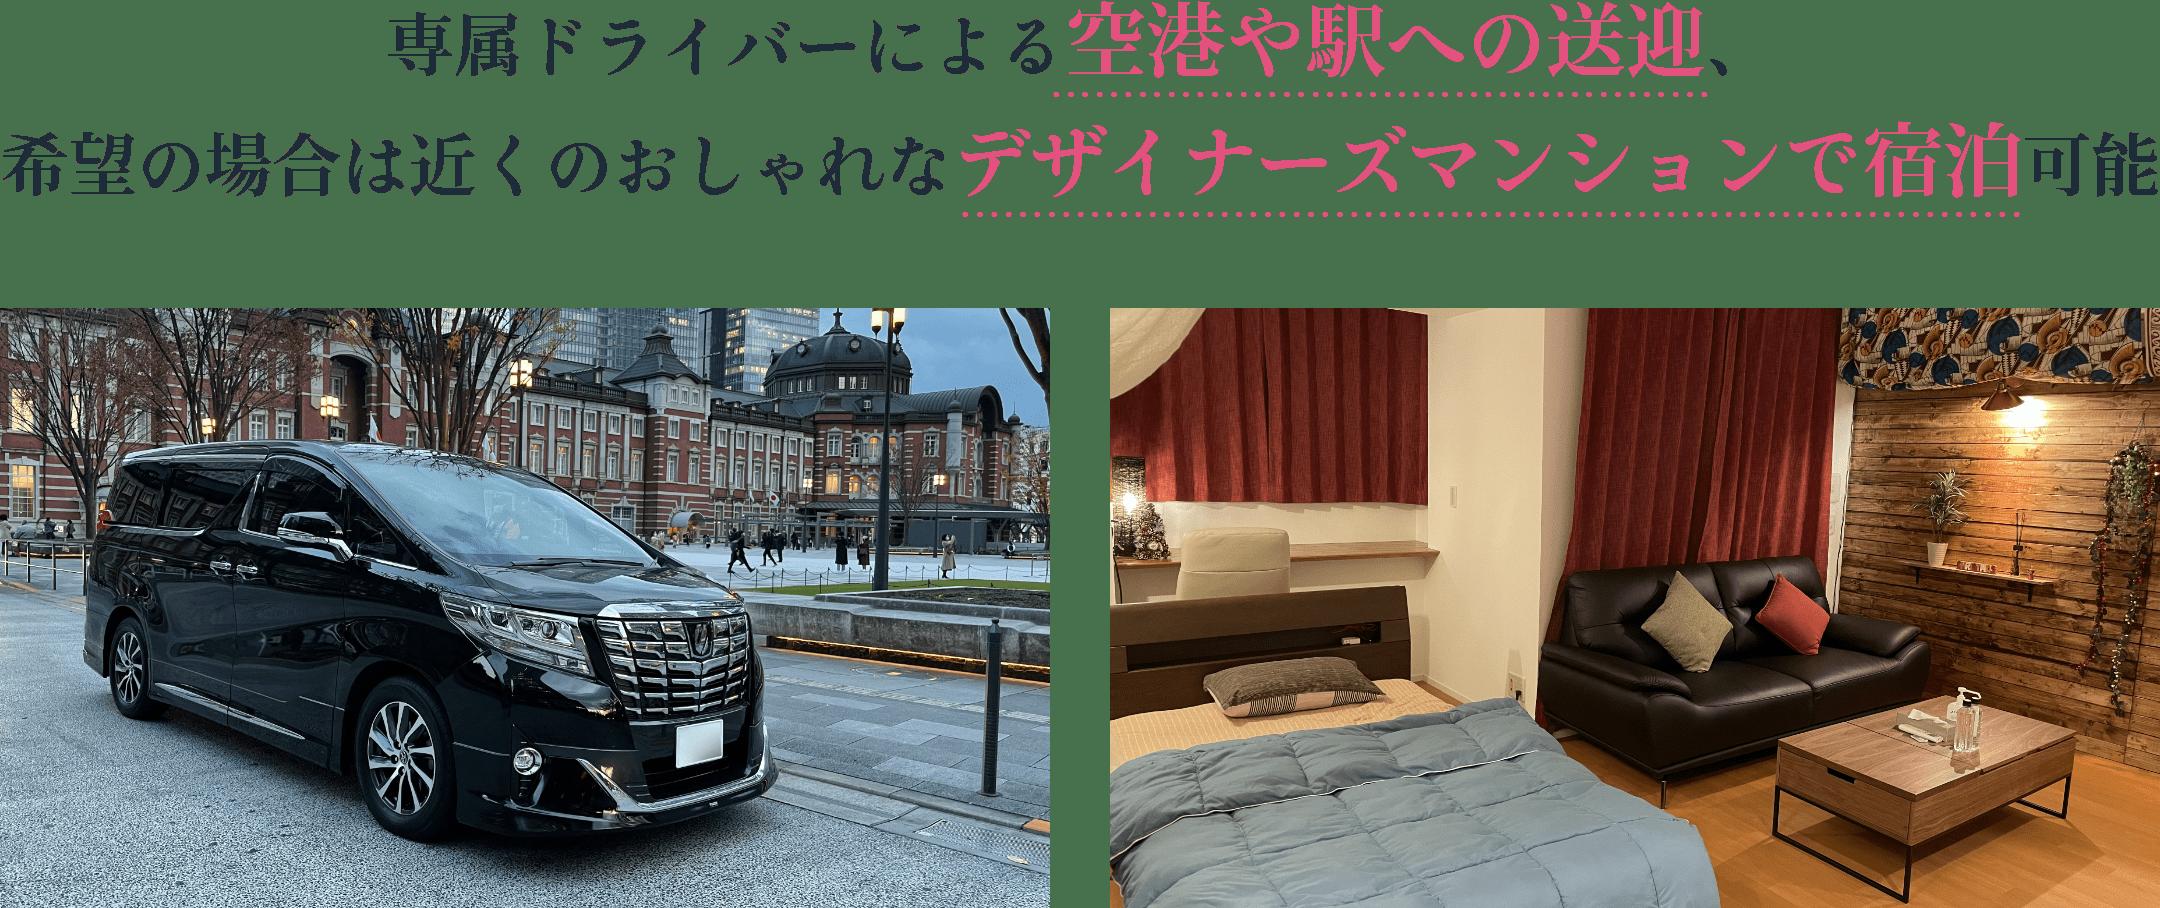 専属ドライバーによる空港や駅への送迎、希望の場合は近くのおしゃれなデザイナーズマンションで宿泊可能